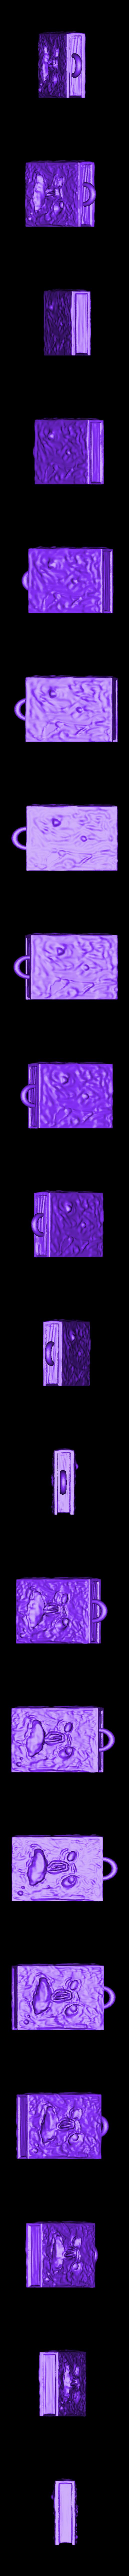 Necronomicon.stl Télécharger fichier STL gratuit Bijoux - Collier Necronomicon (2016) • Objet pour impression 3D, whackolantern